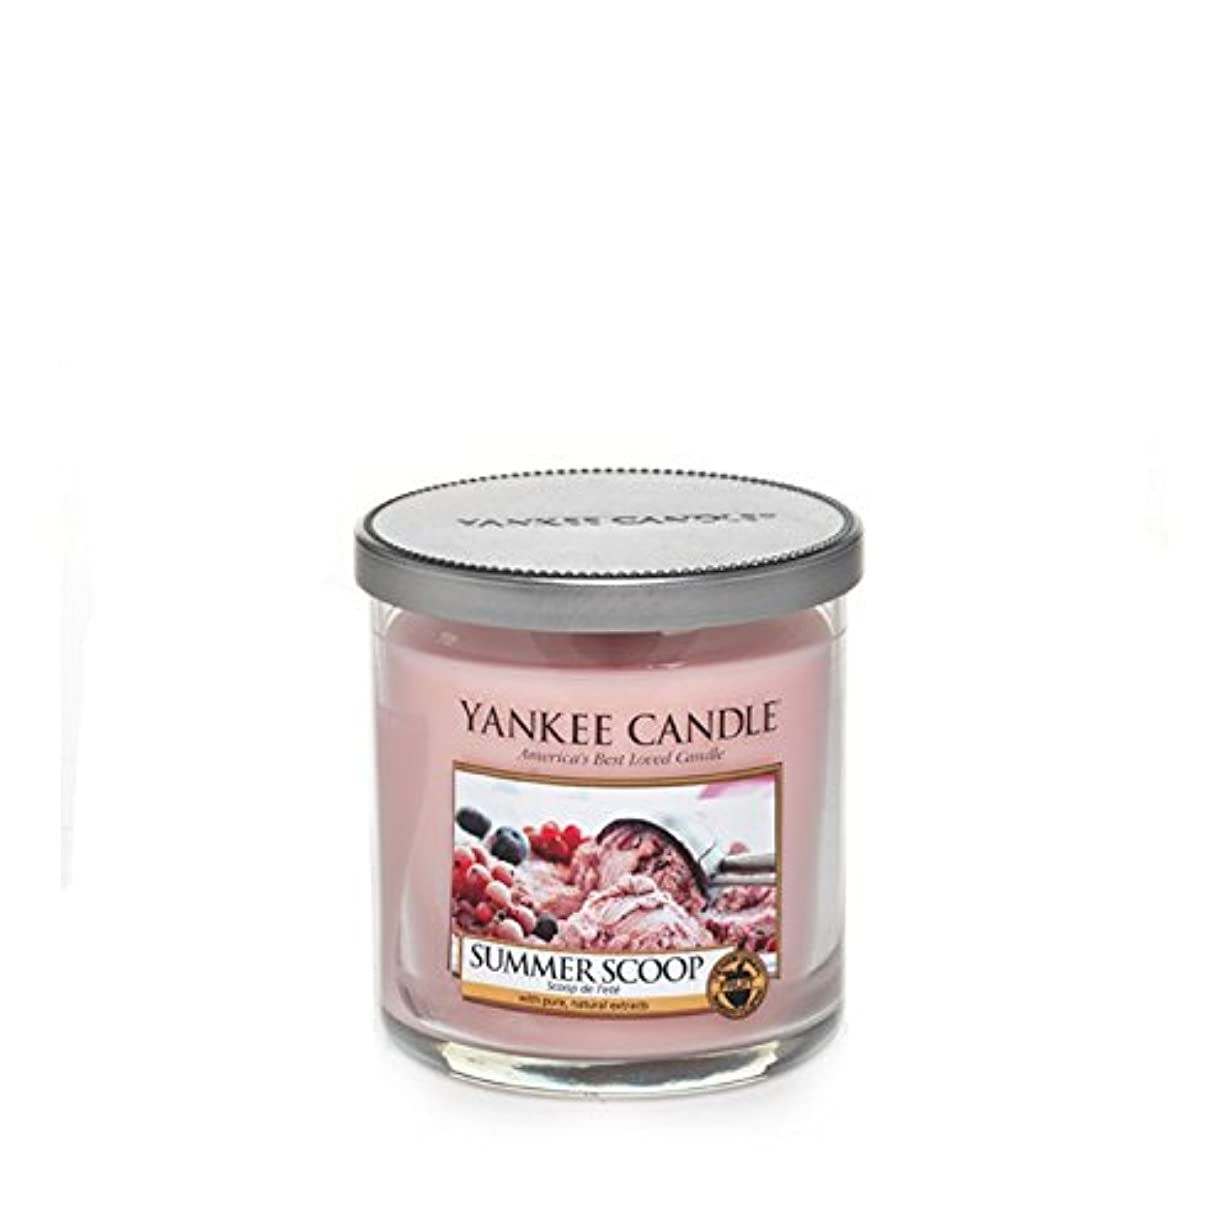 感謝祭オーラル運営ヤンキーキャンドルの小さな柱キャンドル - 夏のスクープ - Yankee Candles Small Pillar Candle - Summer Scoop (Yankee Candles) [並行輸入品]